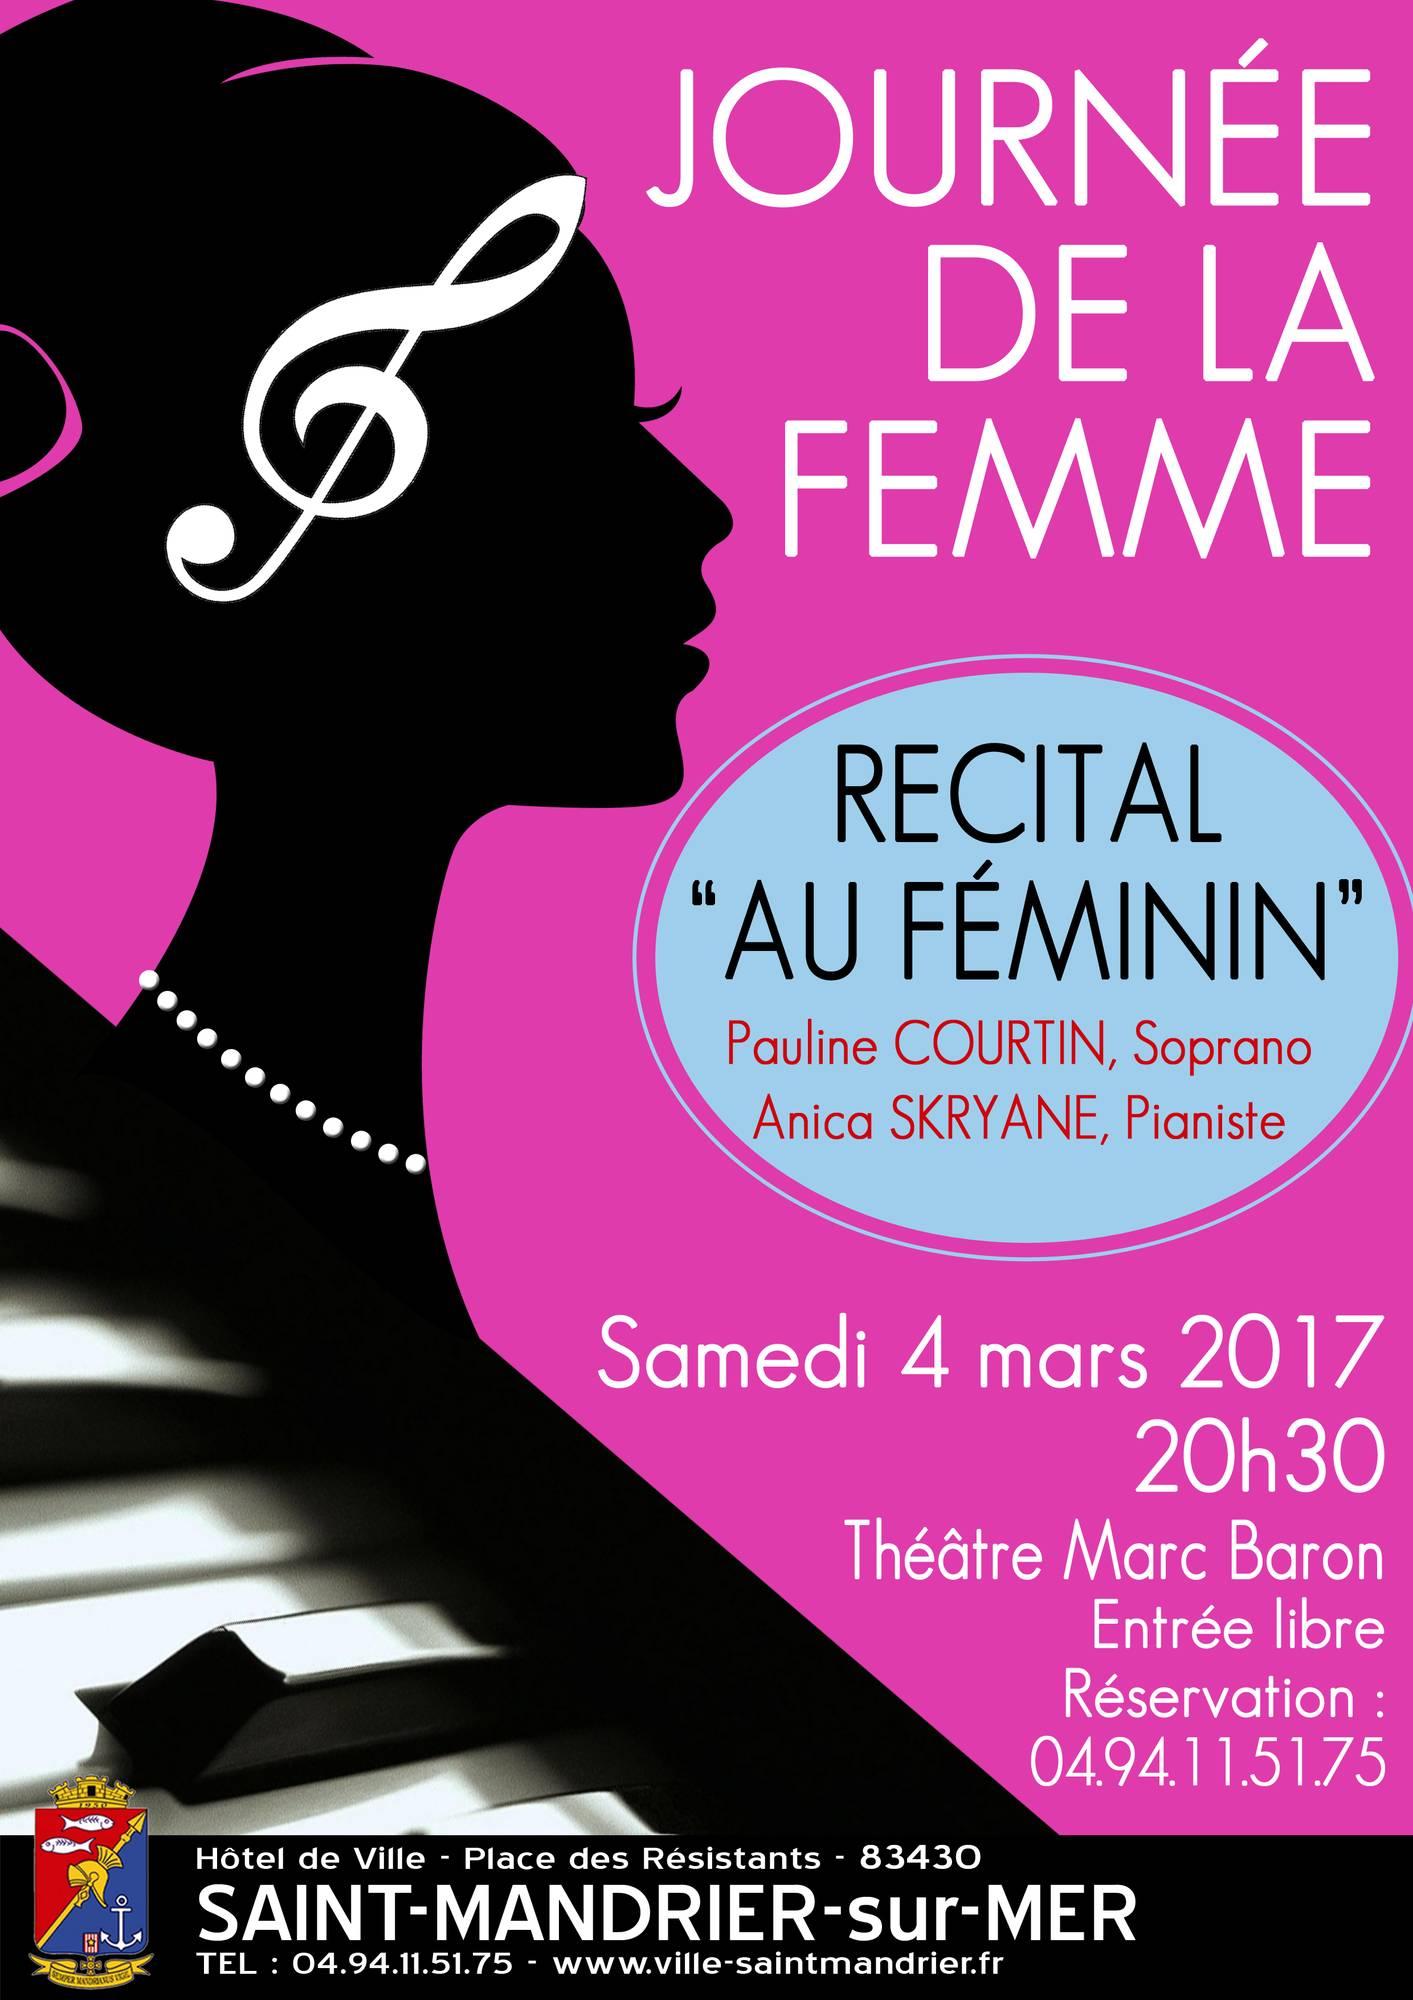 Génial Affiche Pour La Journée De La Femme affiche journée de la femme 2017 - mairie de saint -mandrier sur mer